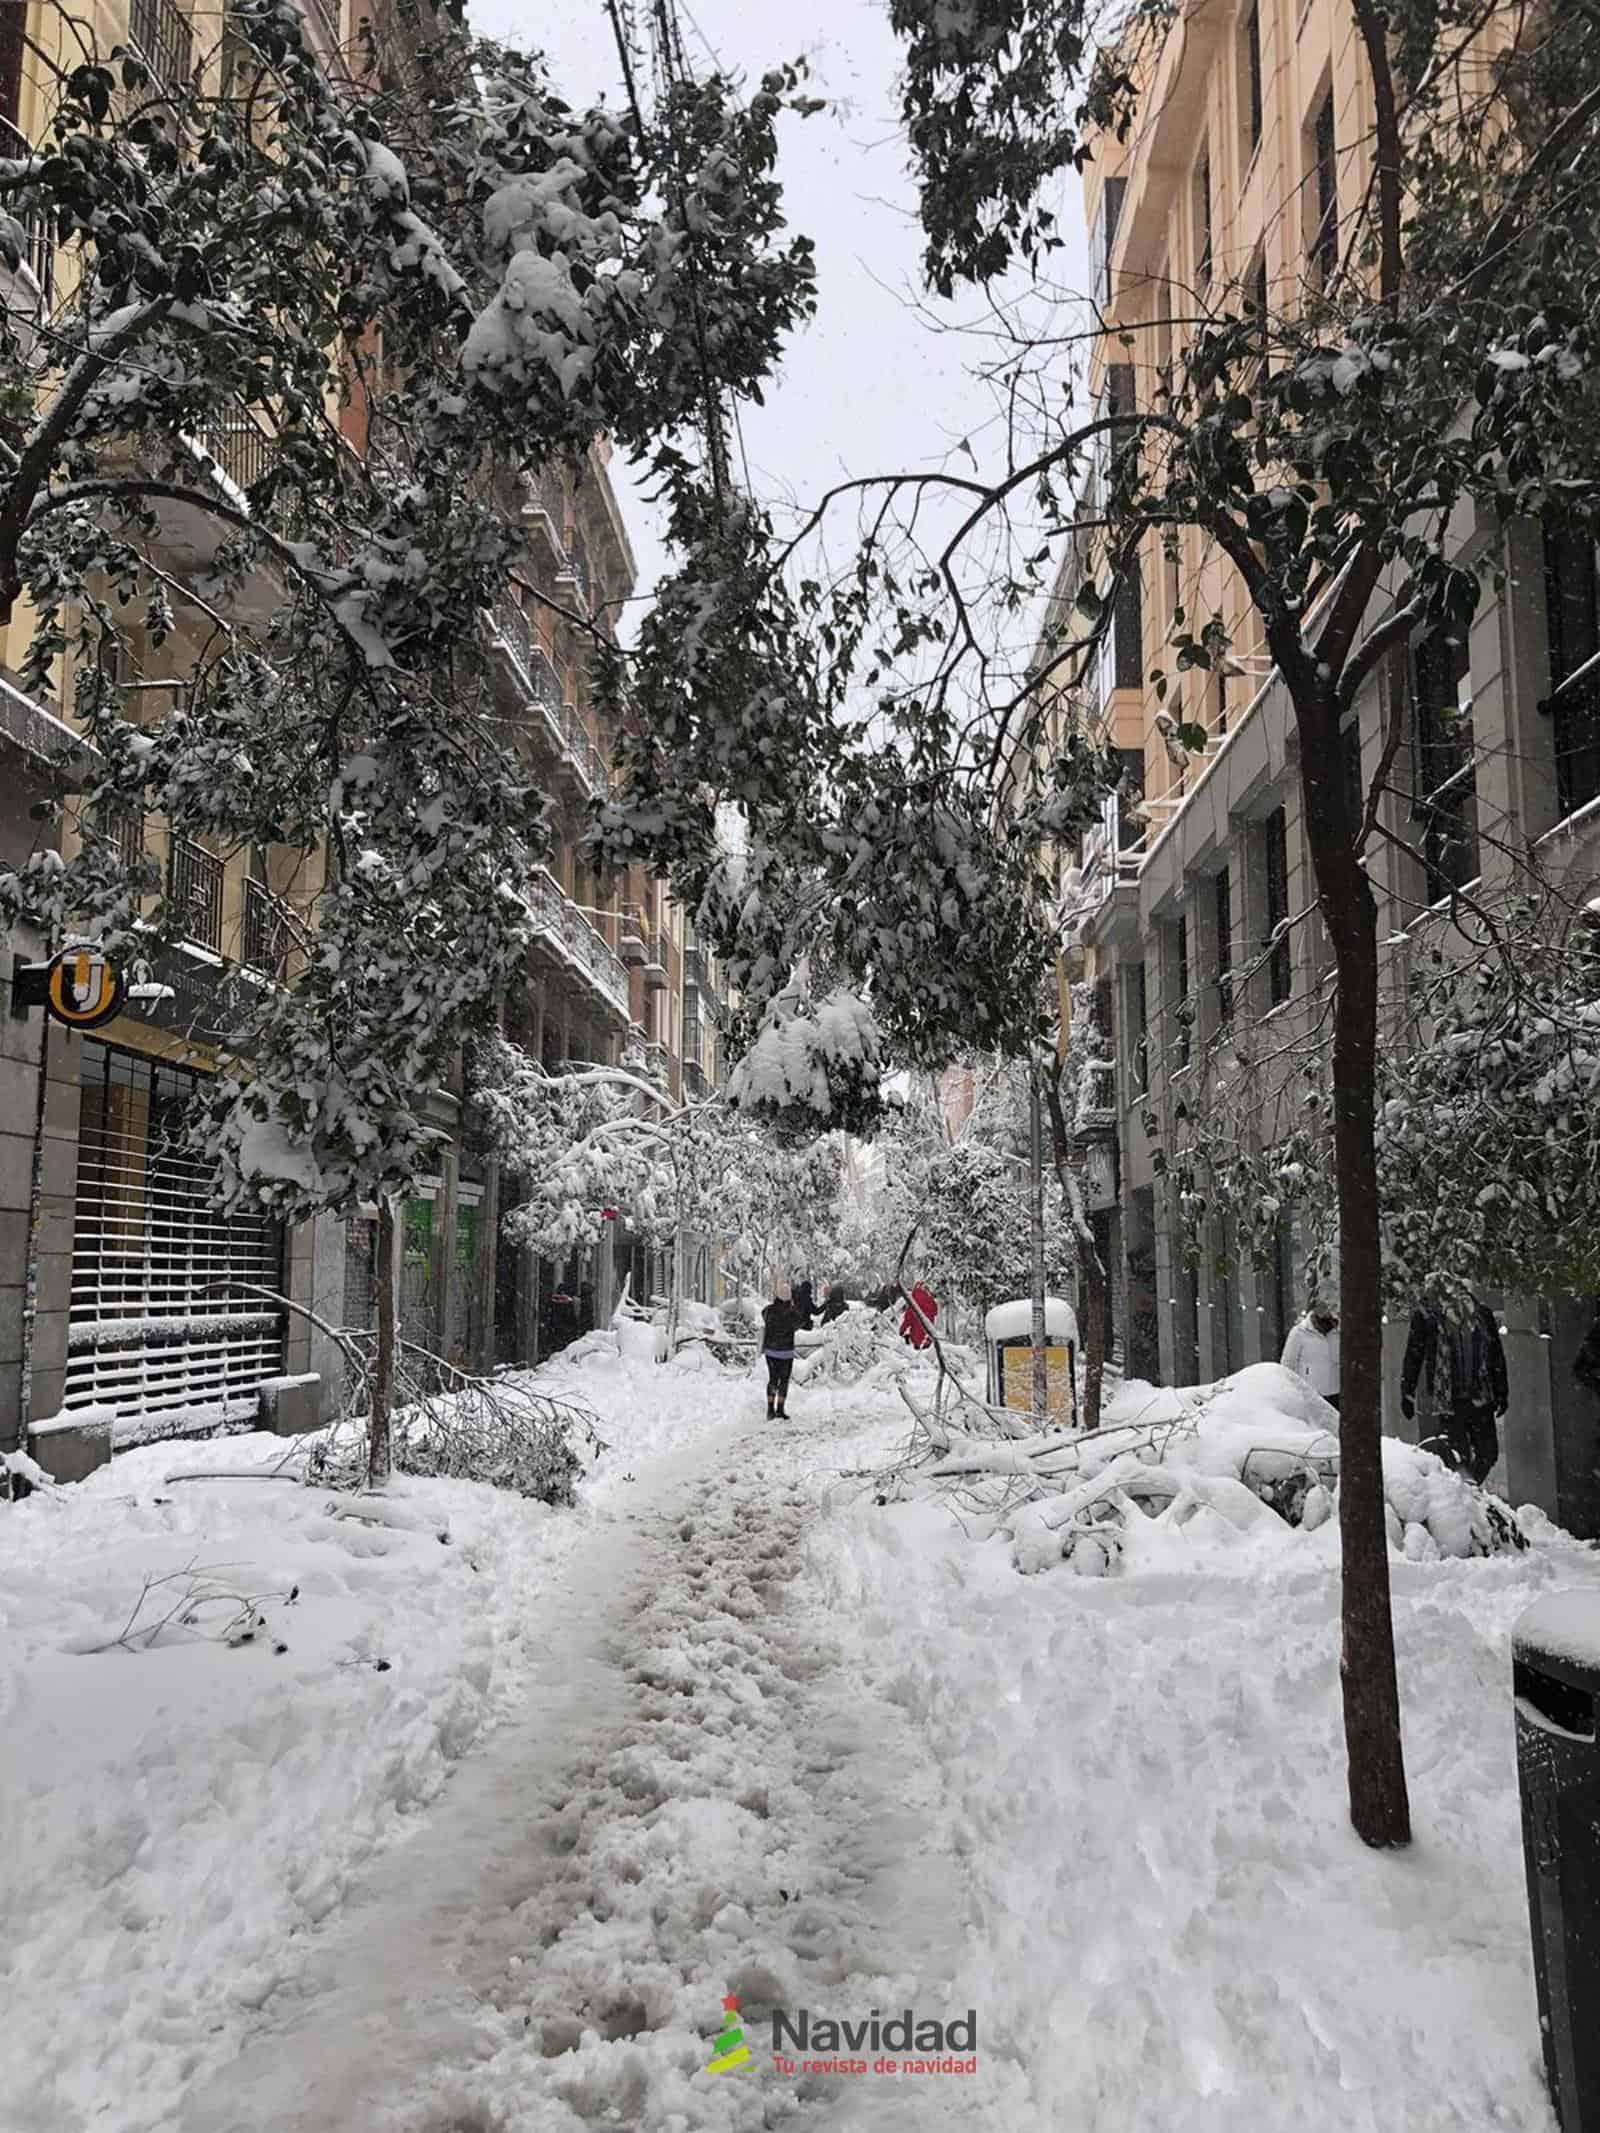 Fotografías de la nevada de enero en Madrid (España) 111